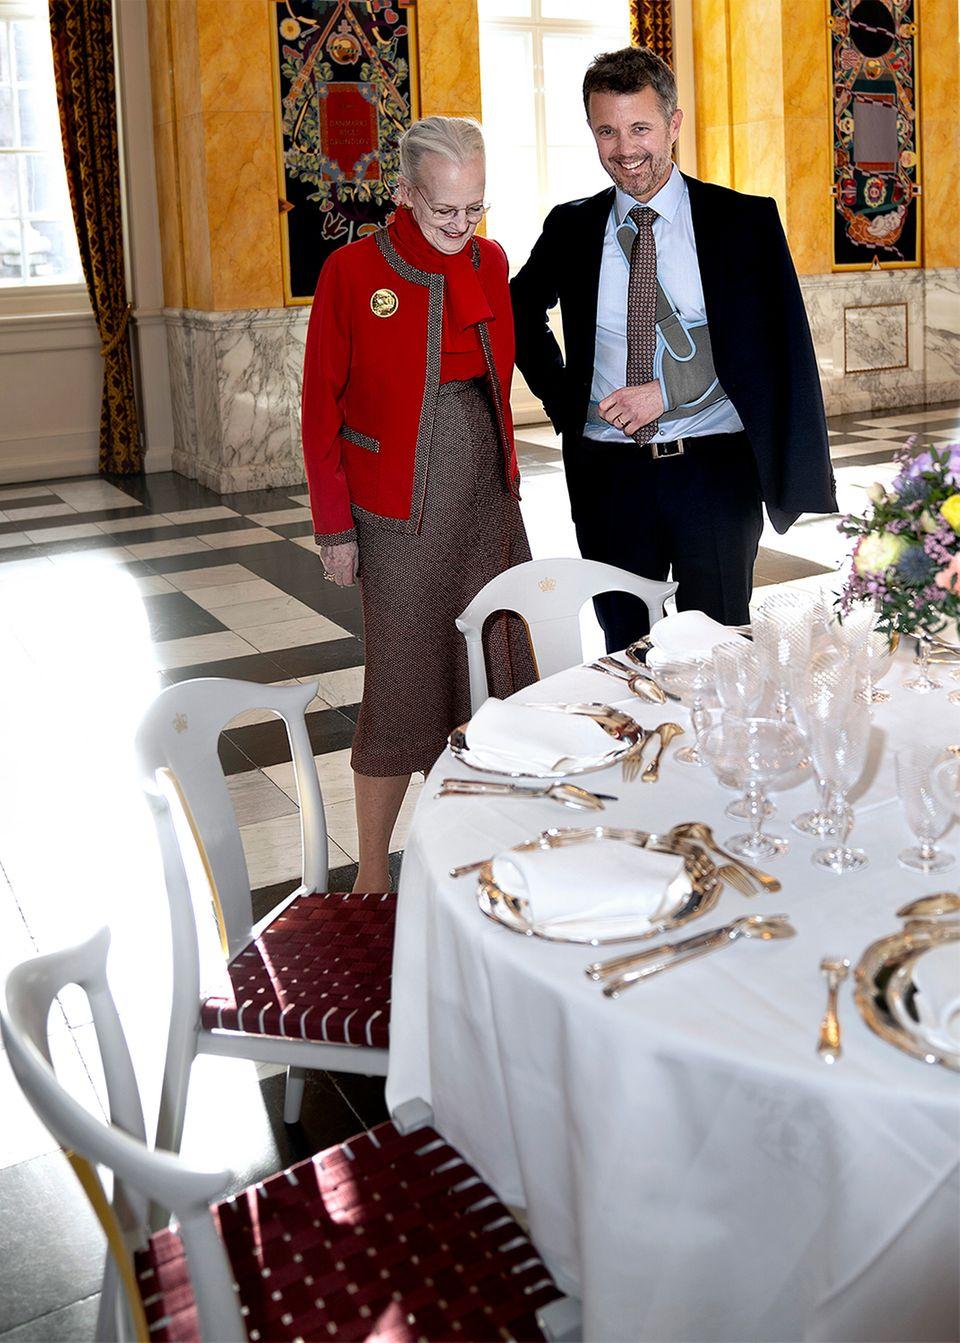 Königin Margrethe + Prinz Frederik begutachten die neuen Stühle